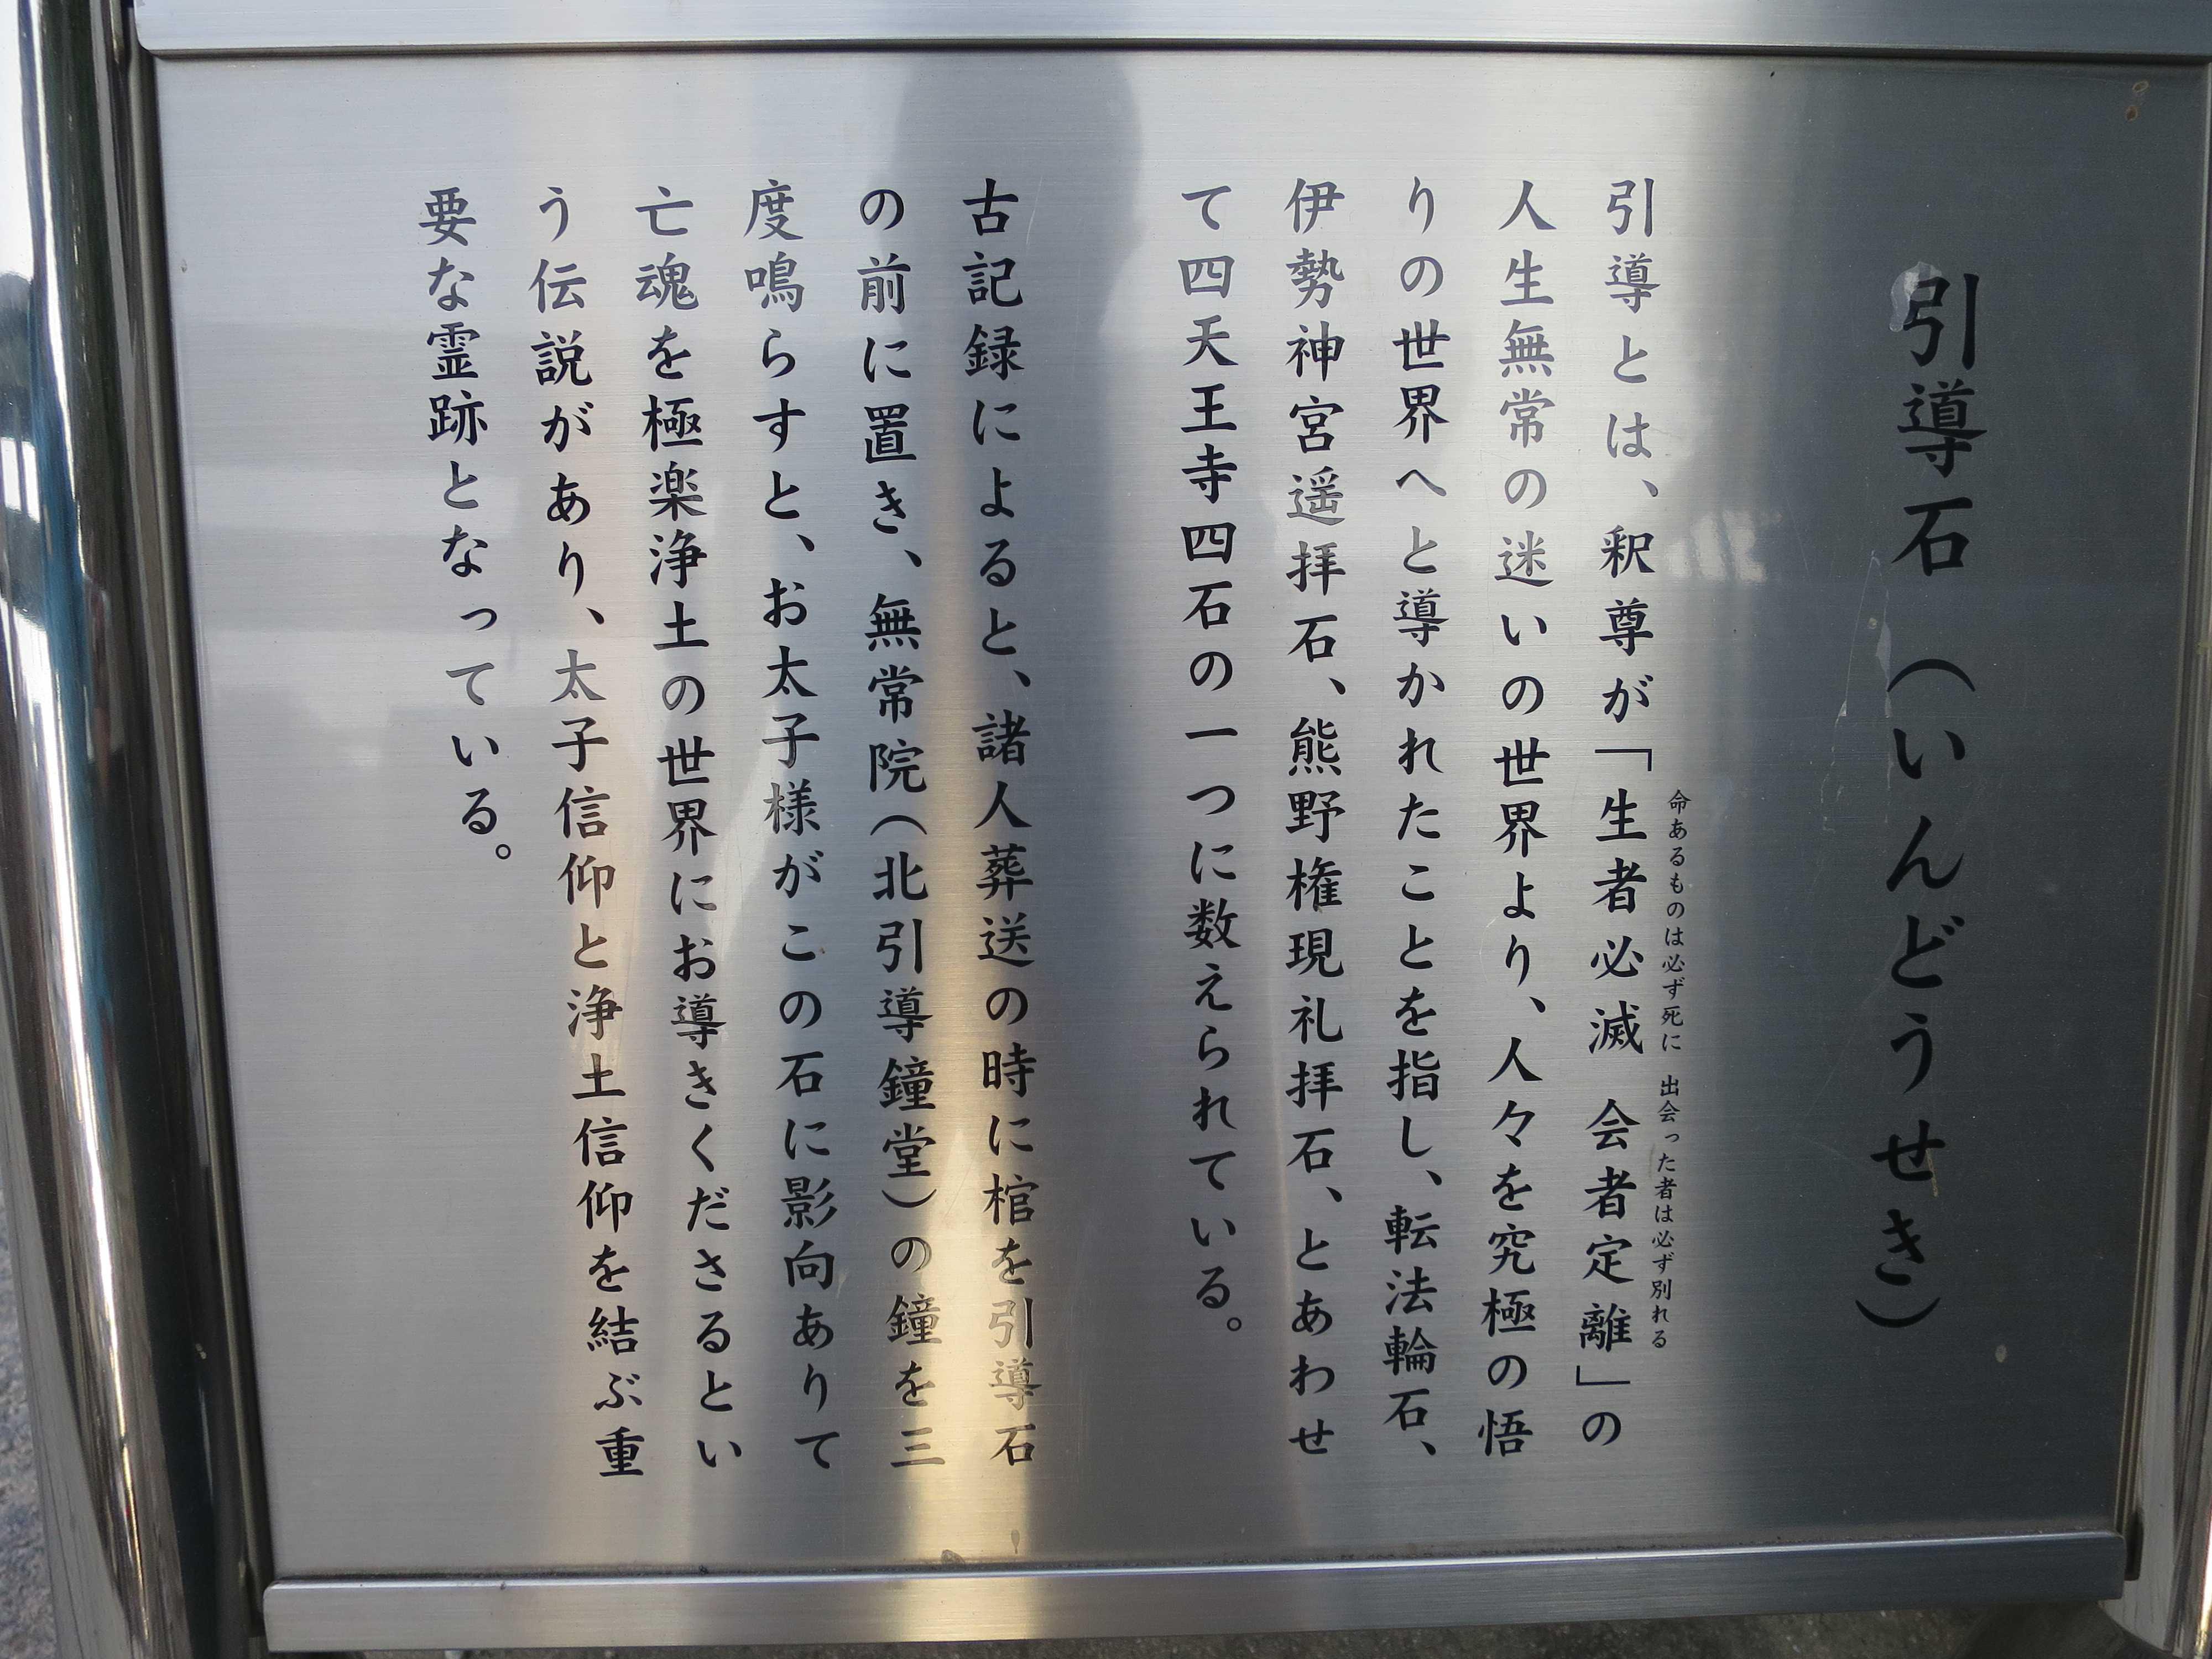 引導石 - 太子信仰と浄土信仰を結ぶ重要な霊跡